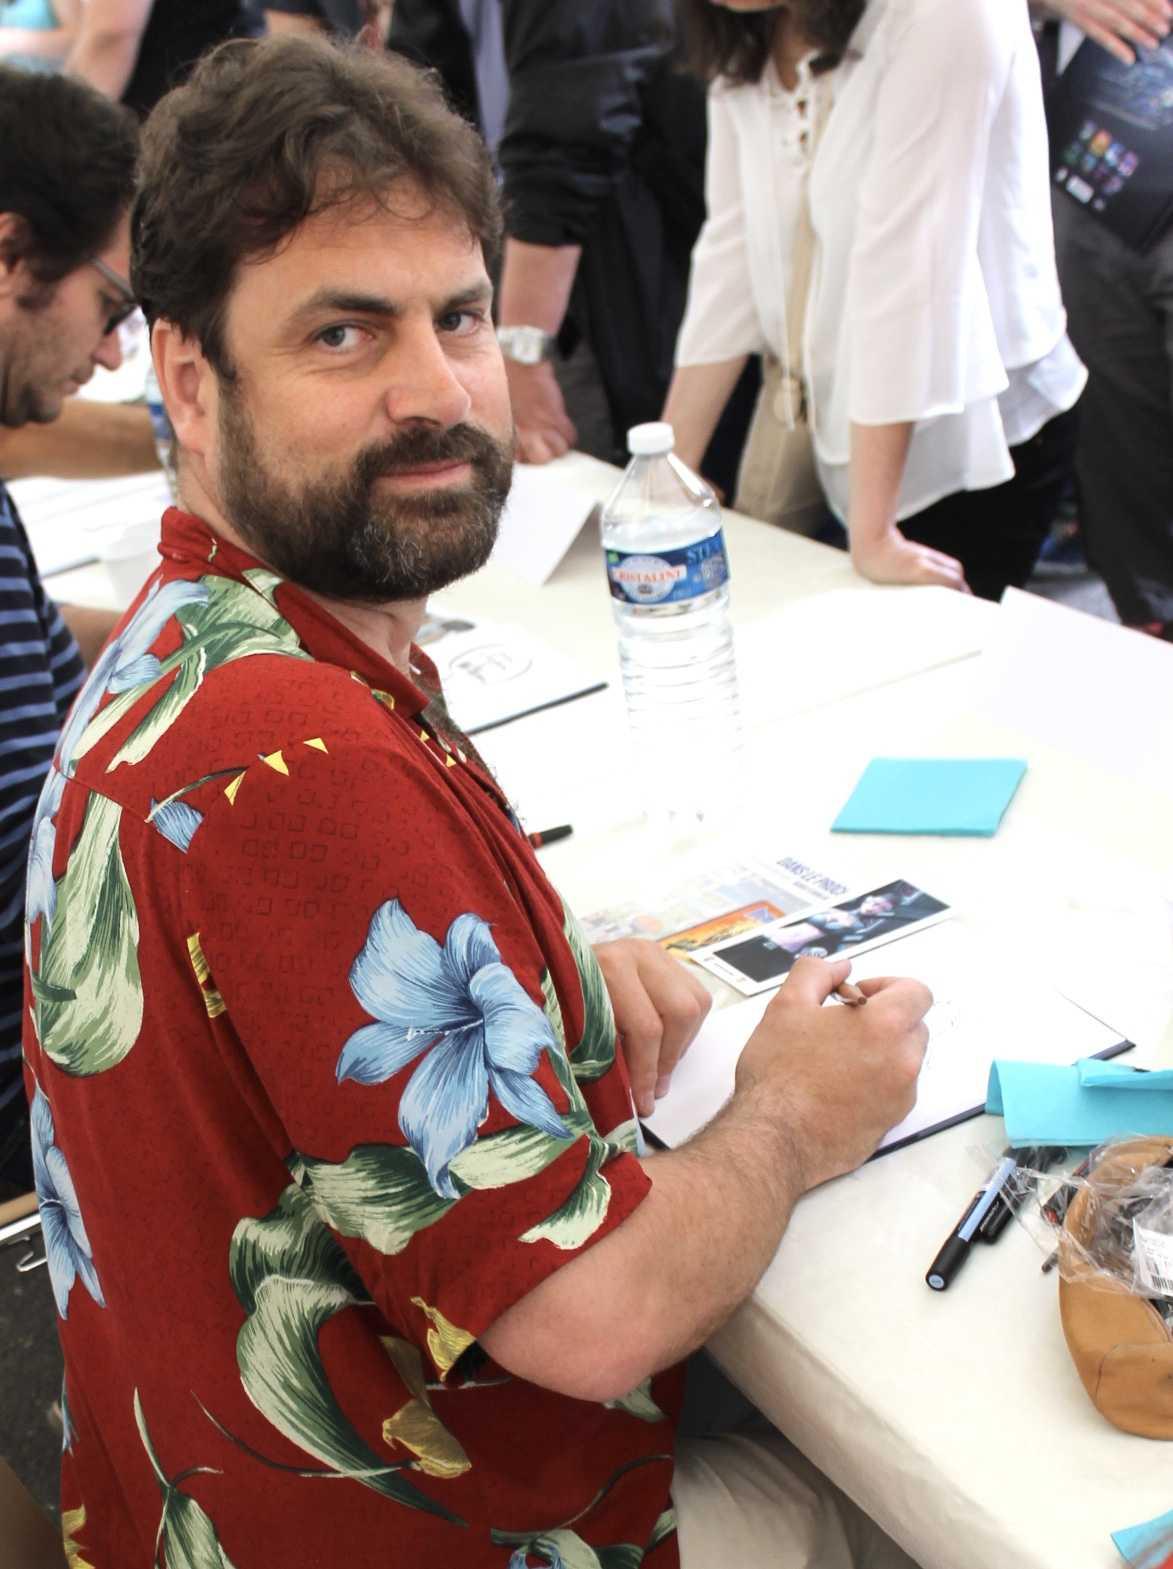 Dominique Bertail, après Infinity 8, signe un western transgenre avec Mondo Reverso